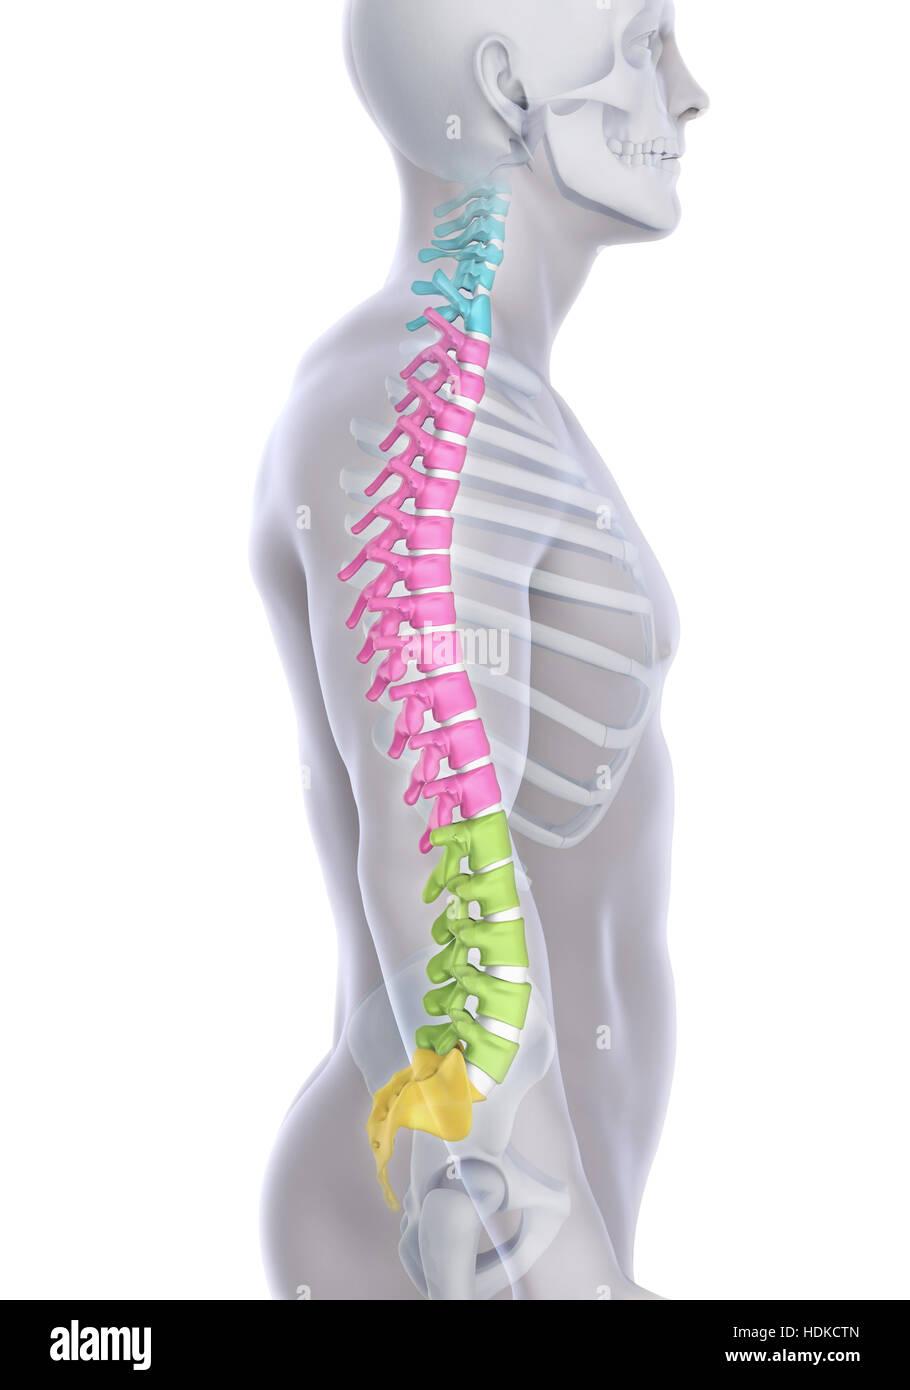 Anatomie der menschlichen Wirbelsäule Stockfoto, Bild: 128890293 - Alamy